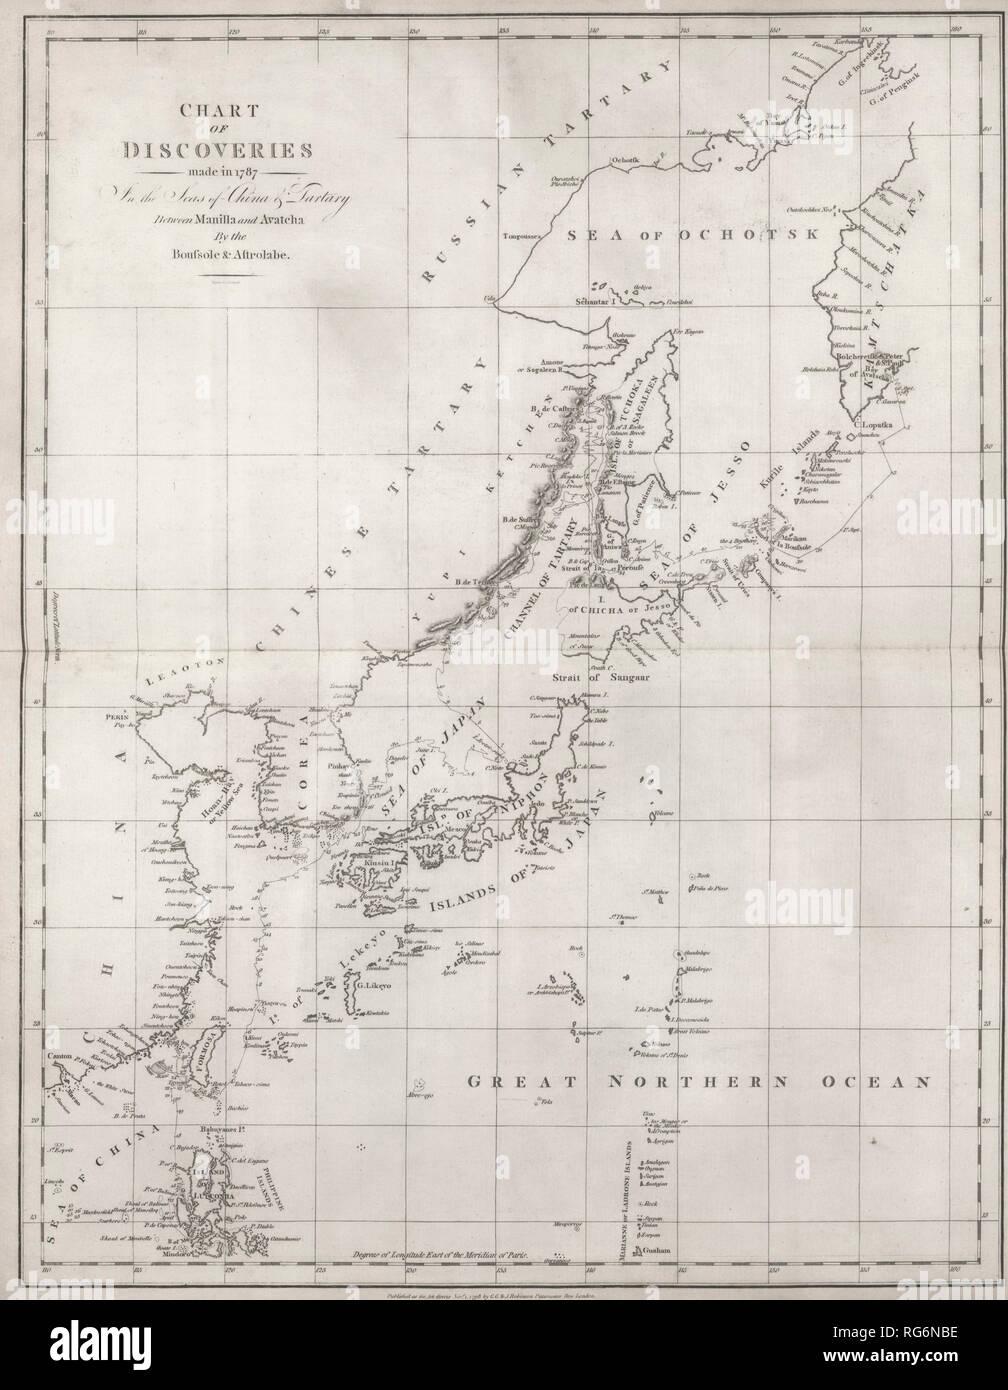 Diagramm der Entdeckungen - Entdeckungen im Jahre 1787 in den Gewässern um China und Tartary zwischen Manila und Avacha-La Perouse gemacht Stockbild